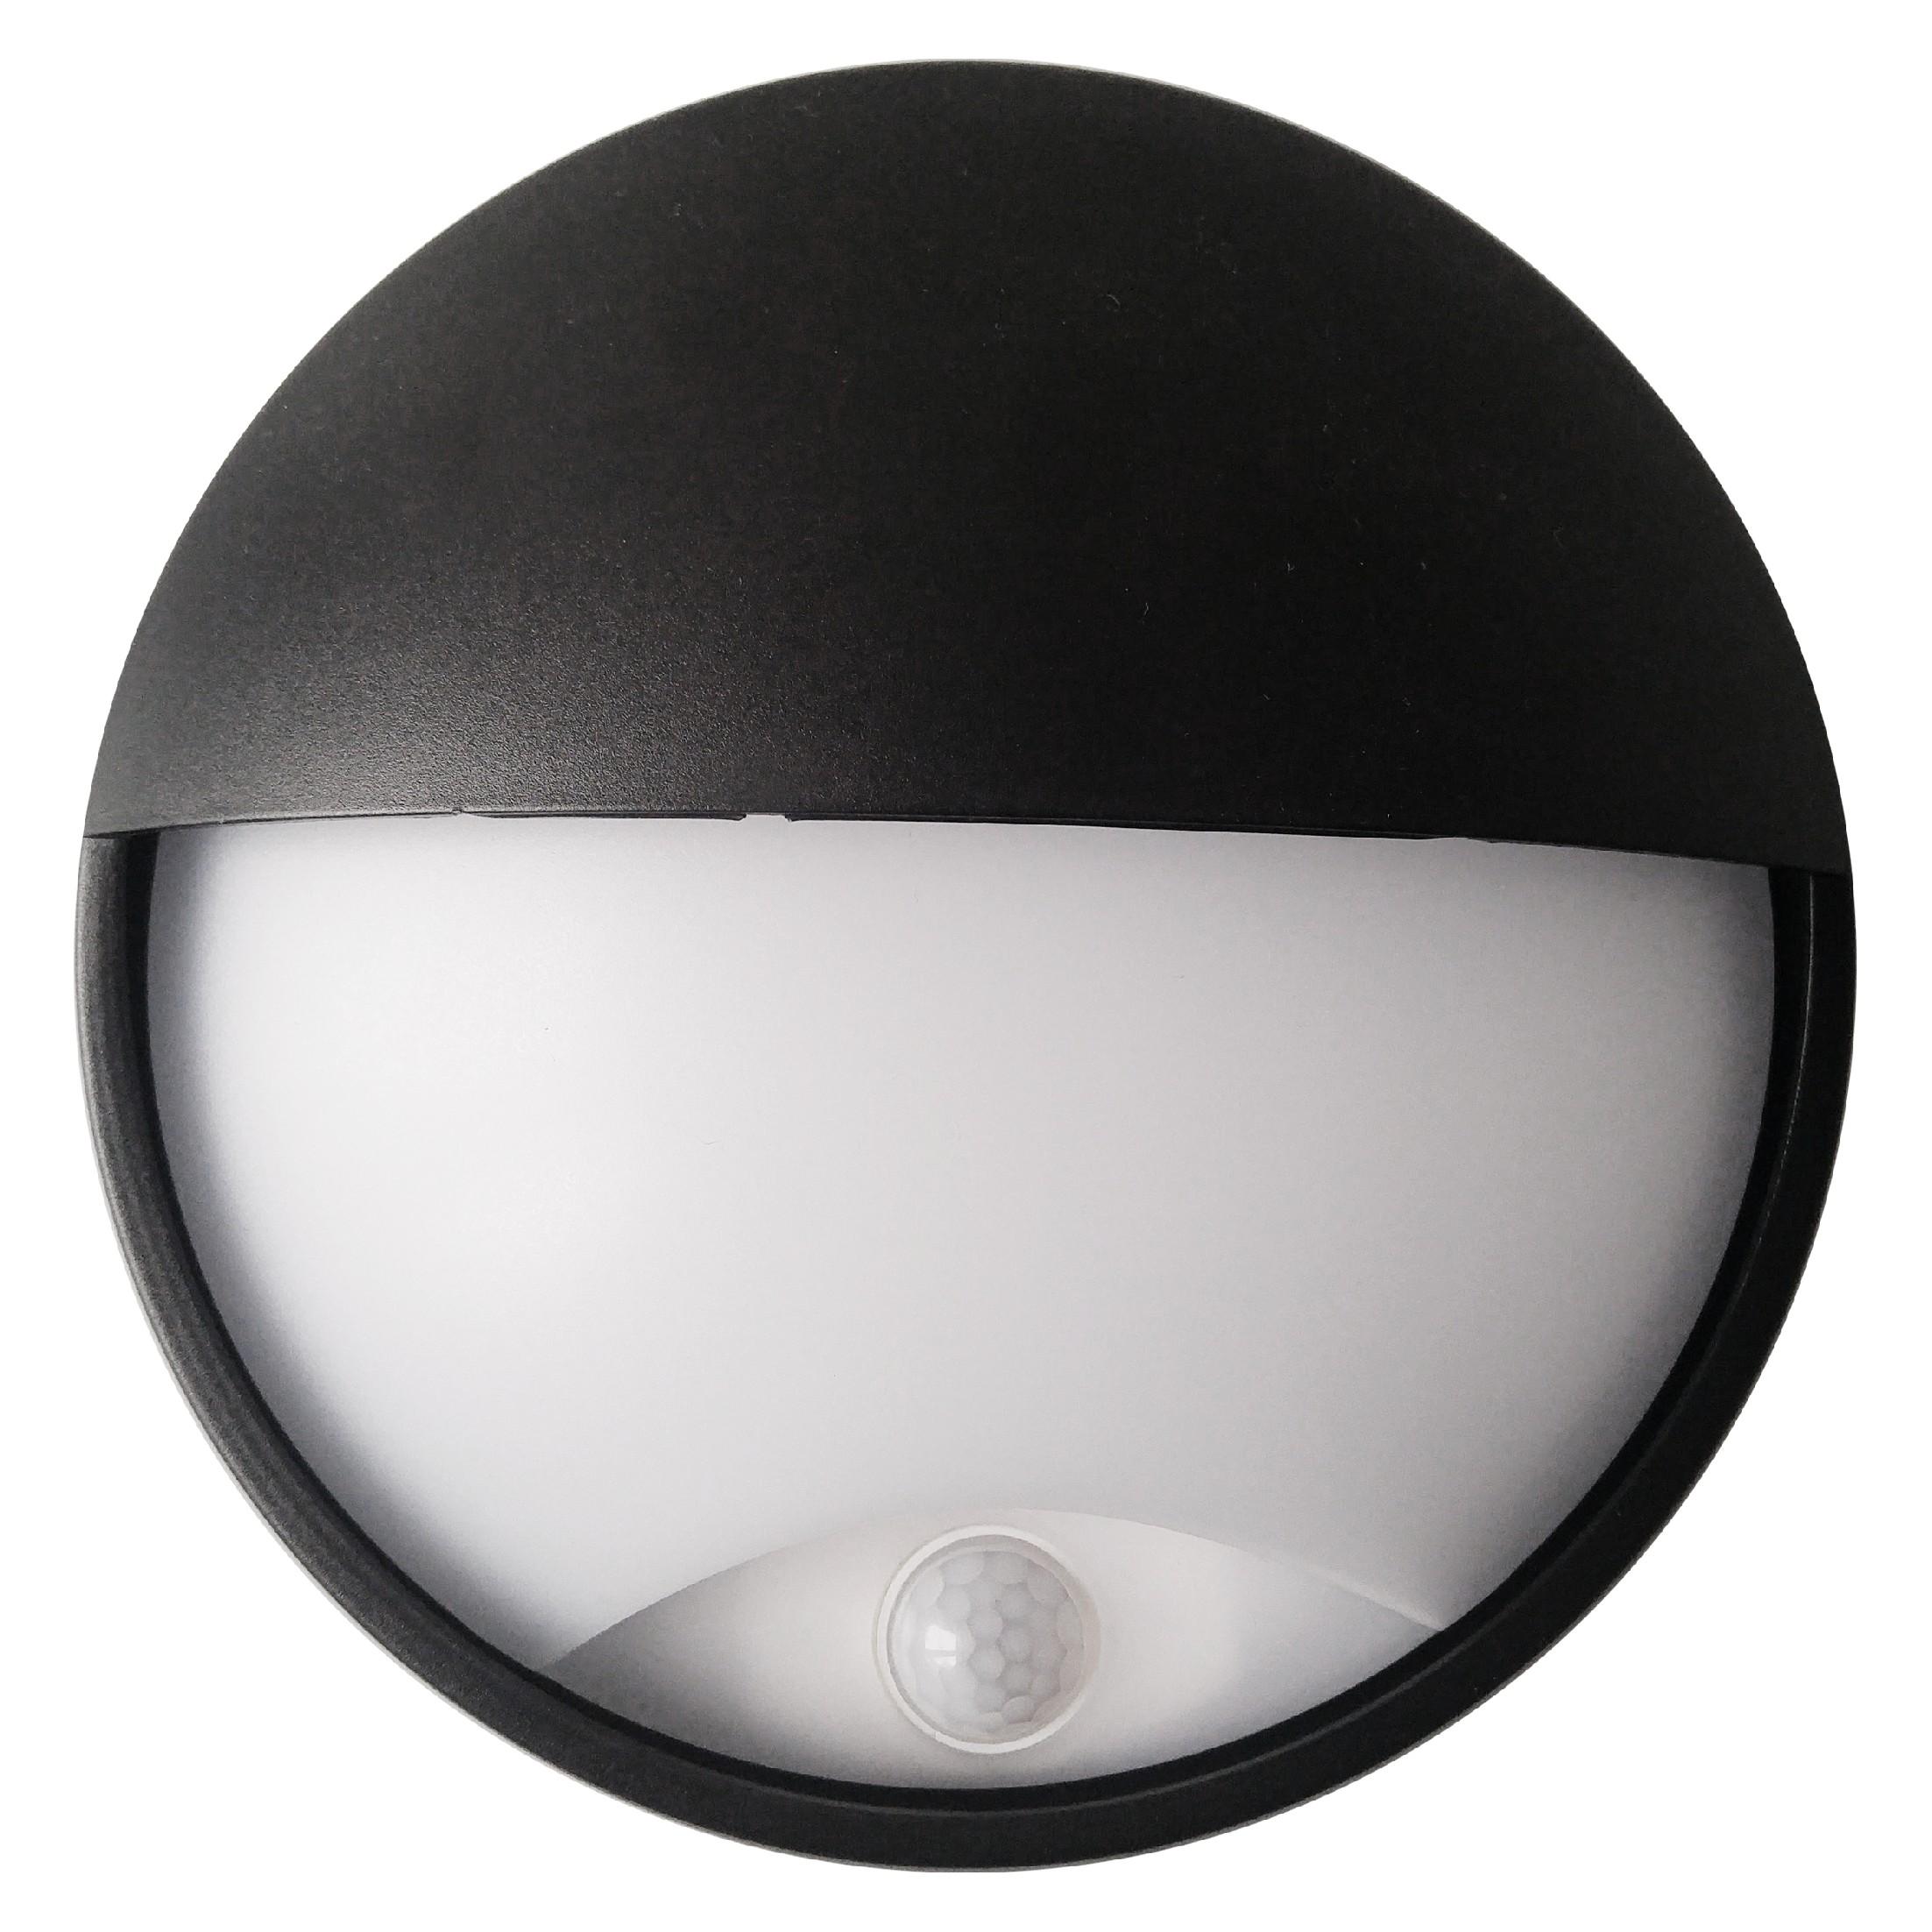 LED přisazené senzorové svítidlo DITA ROUND B 14W NW cover Greenlux (GXPS044)